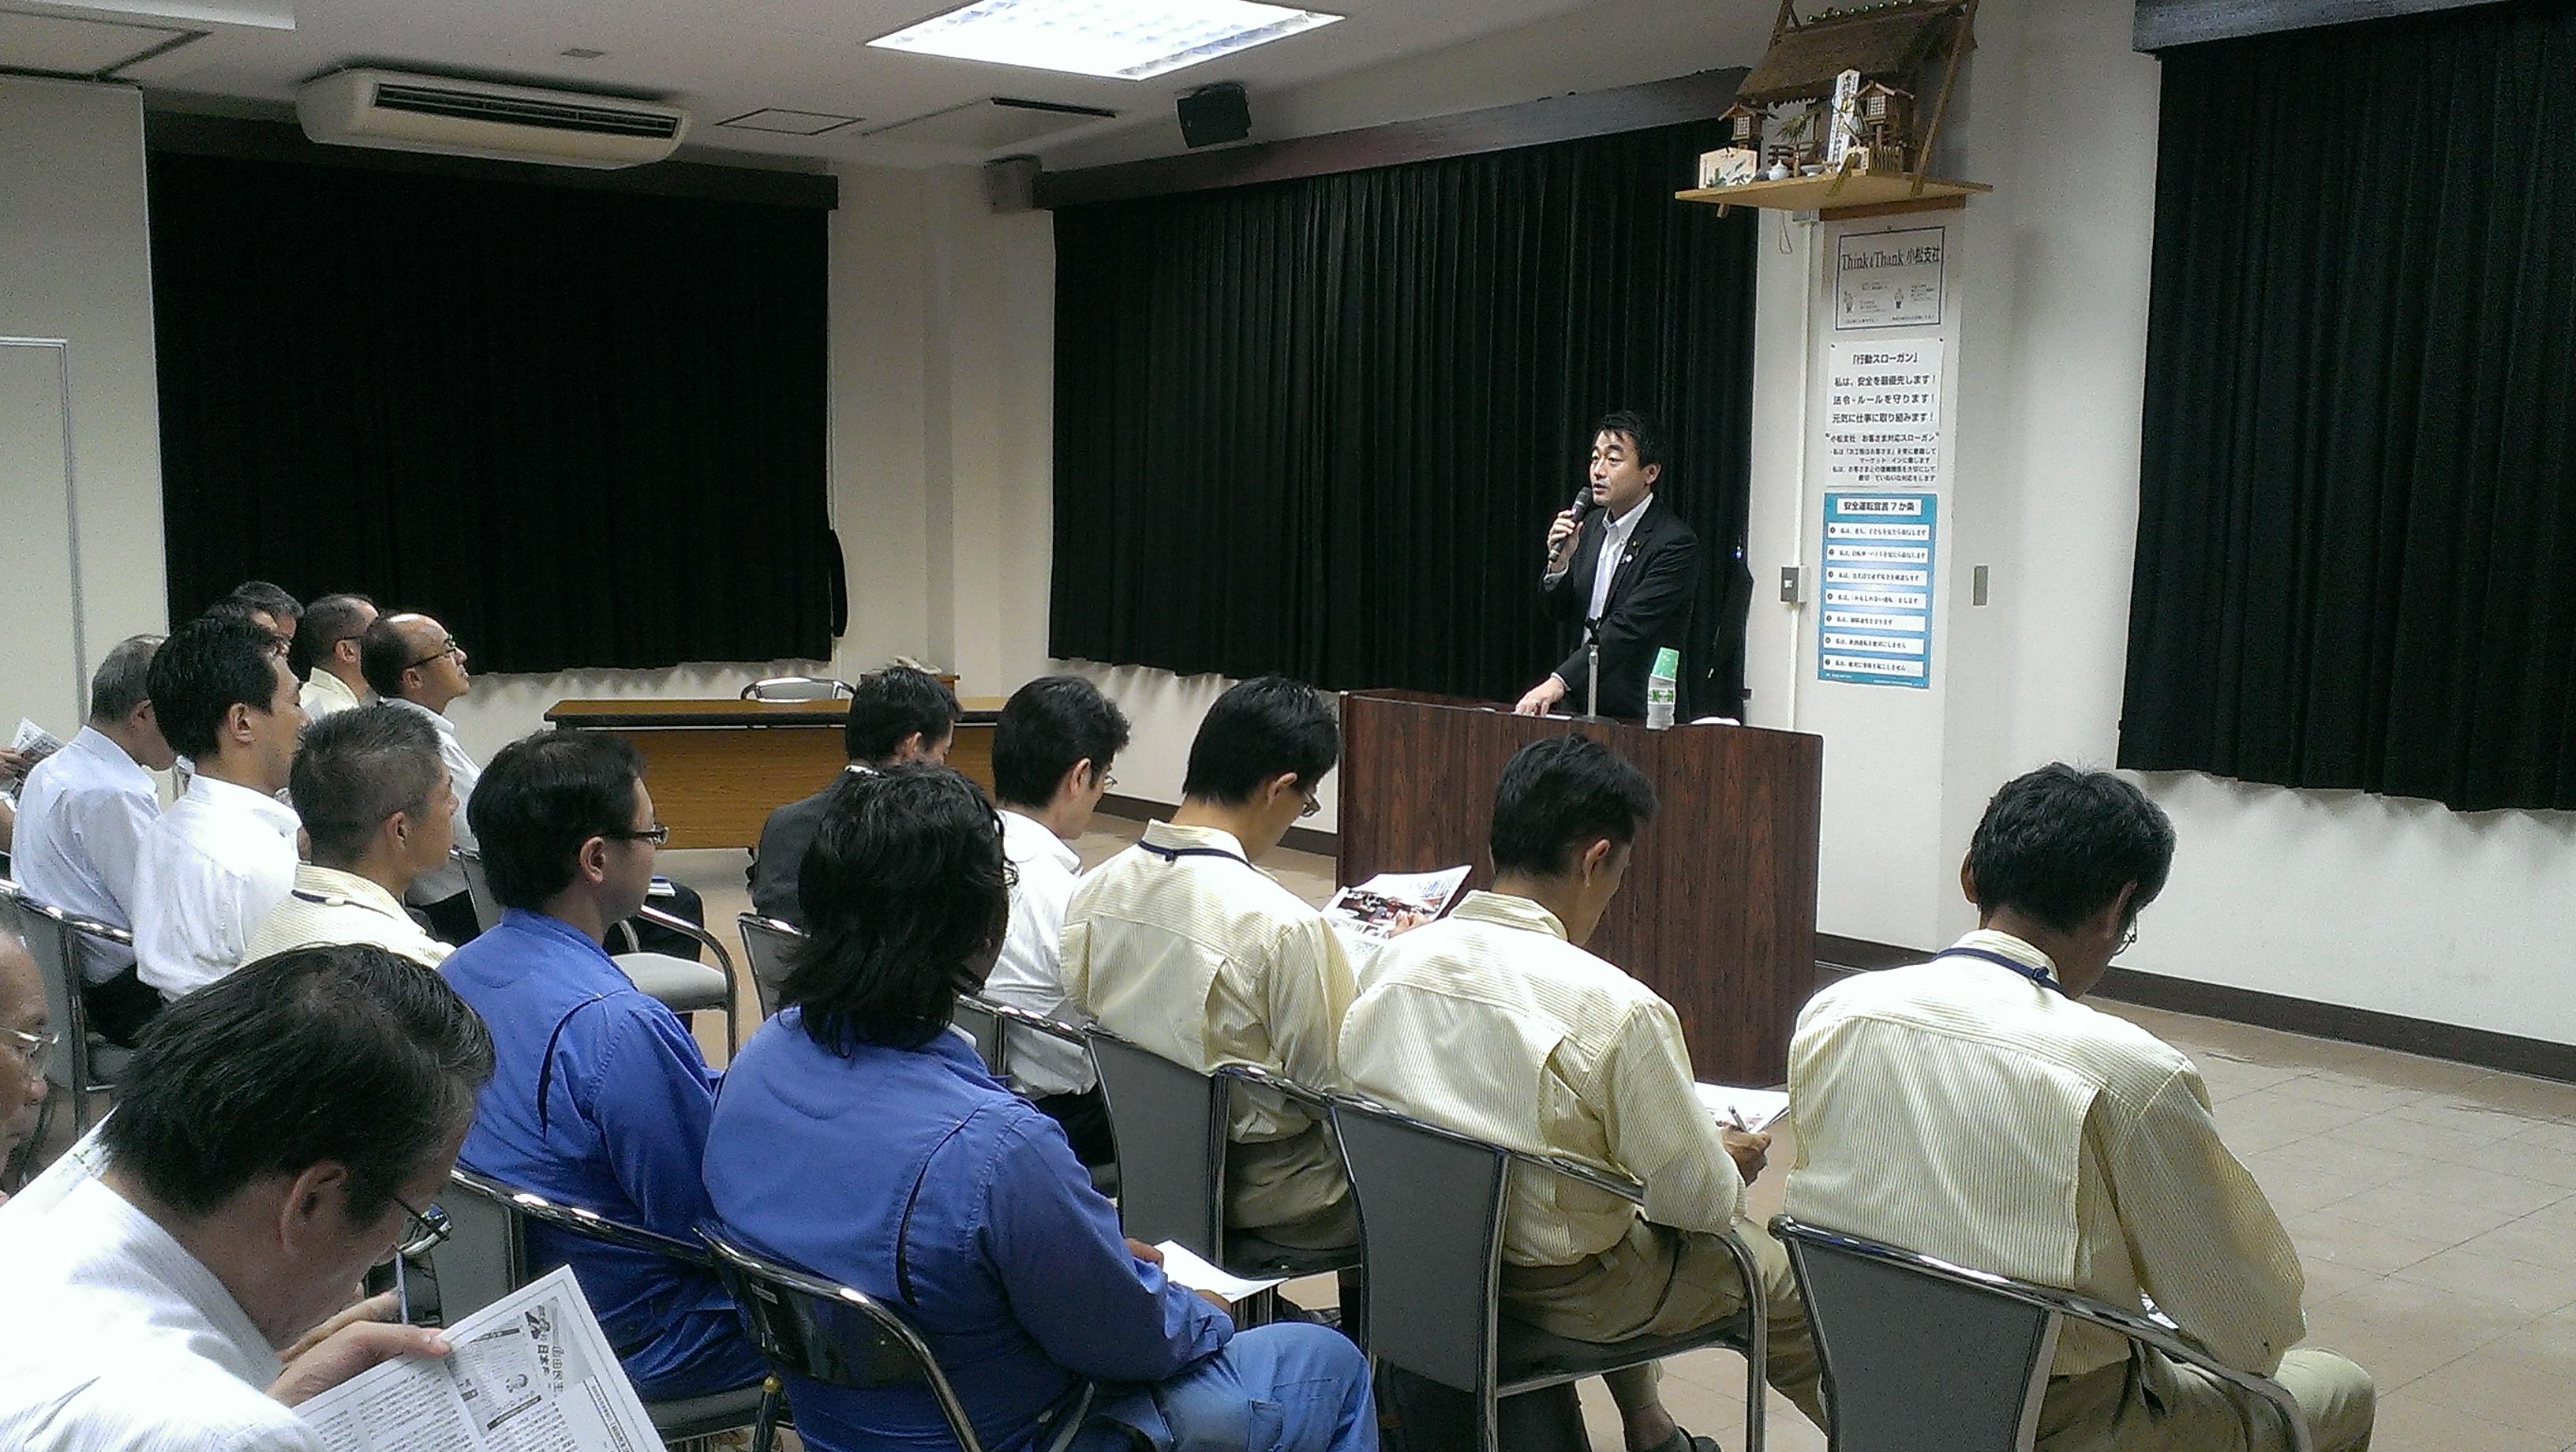 H25.9.18北陸電力小松支店講演会